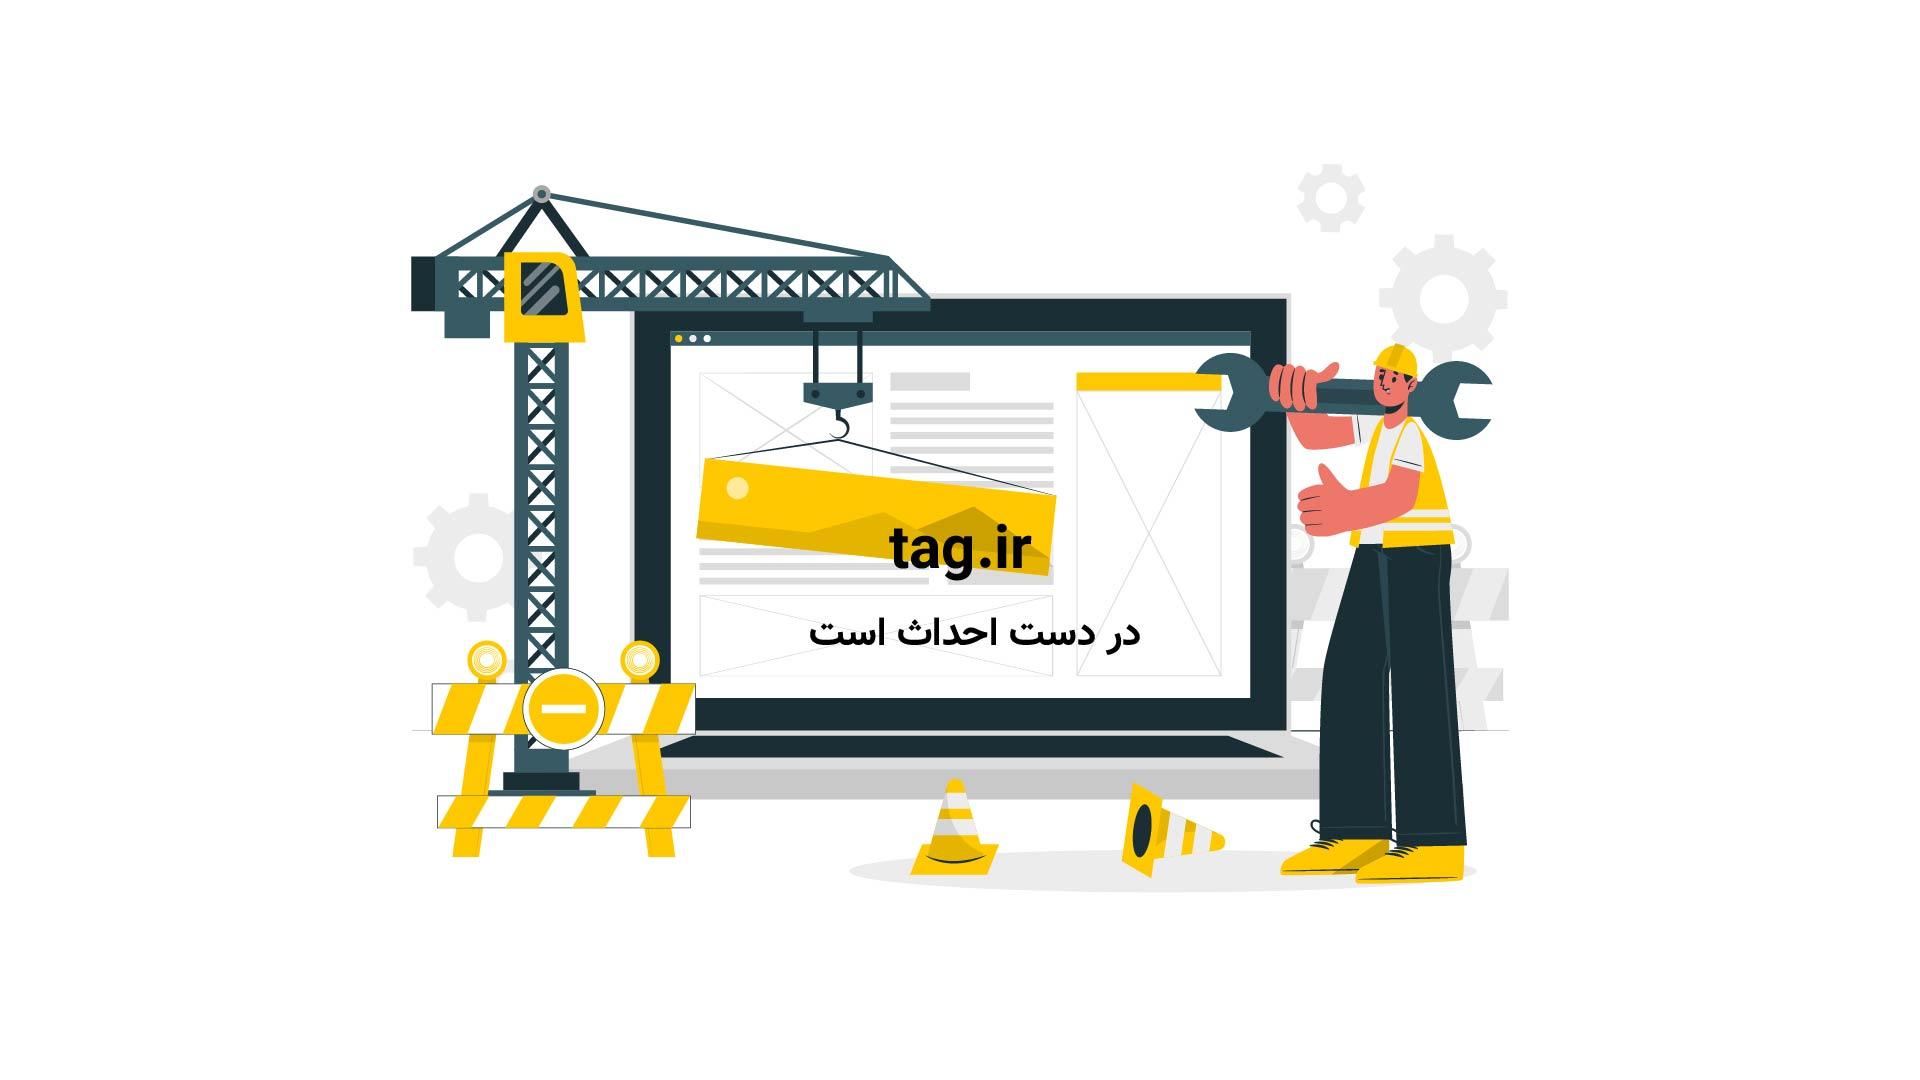 نقاشی حرف G